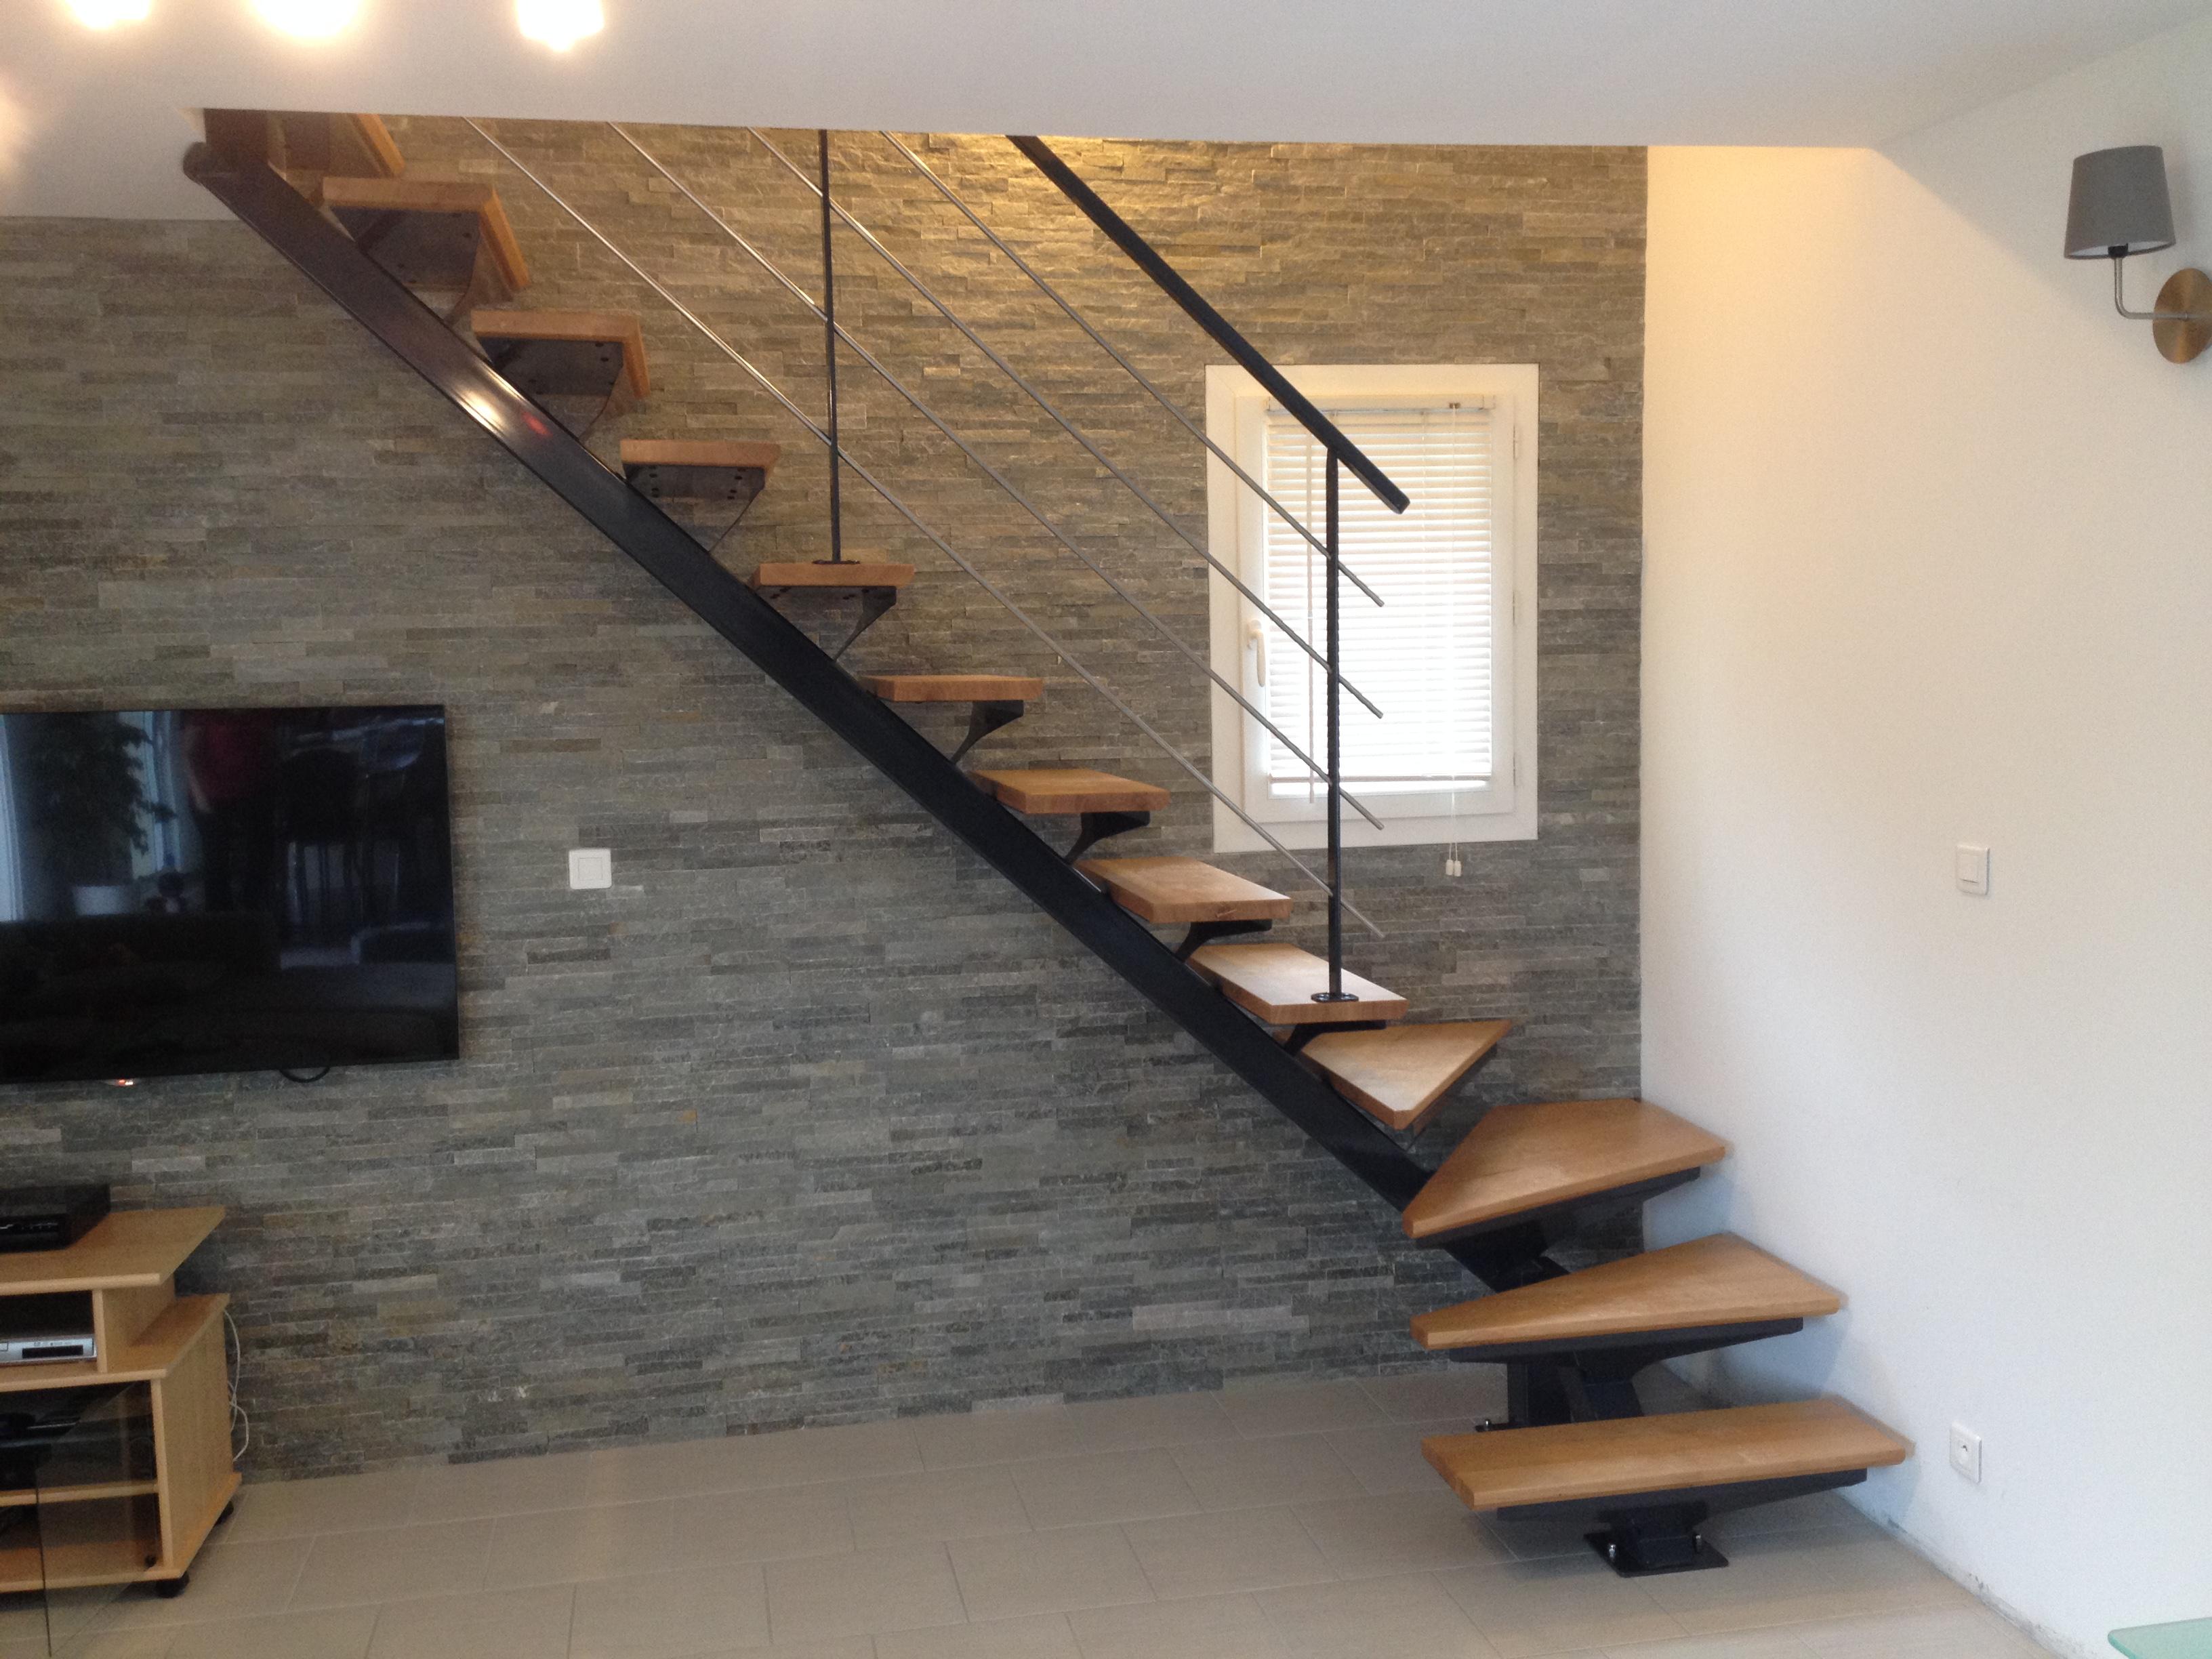 Escaliers entreprise rageau menuiserie m tallerie dans la vienne 86 - Escalier acier bois ...